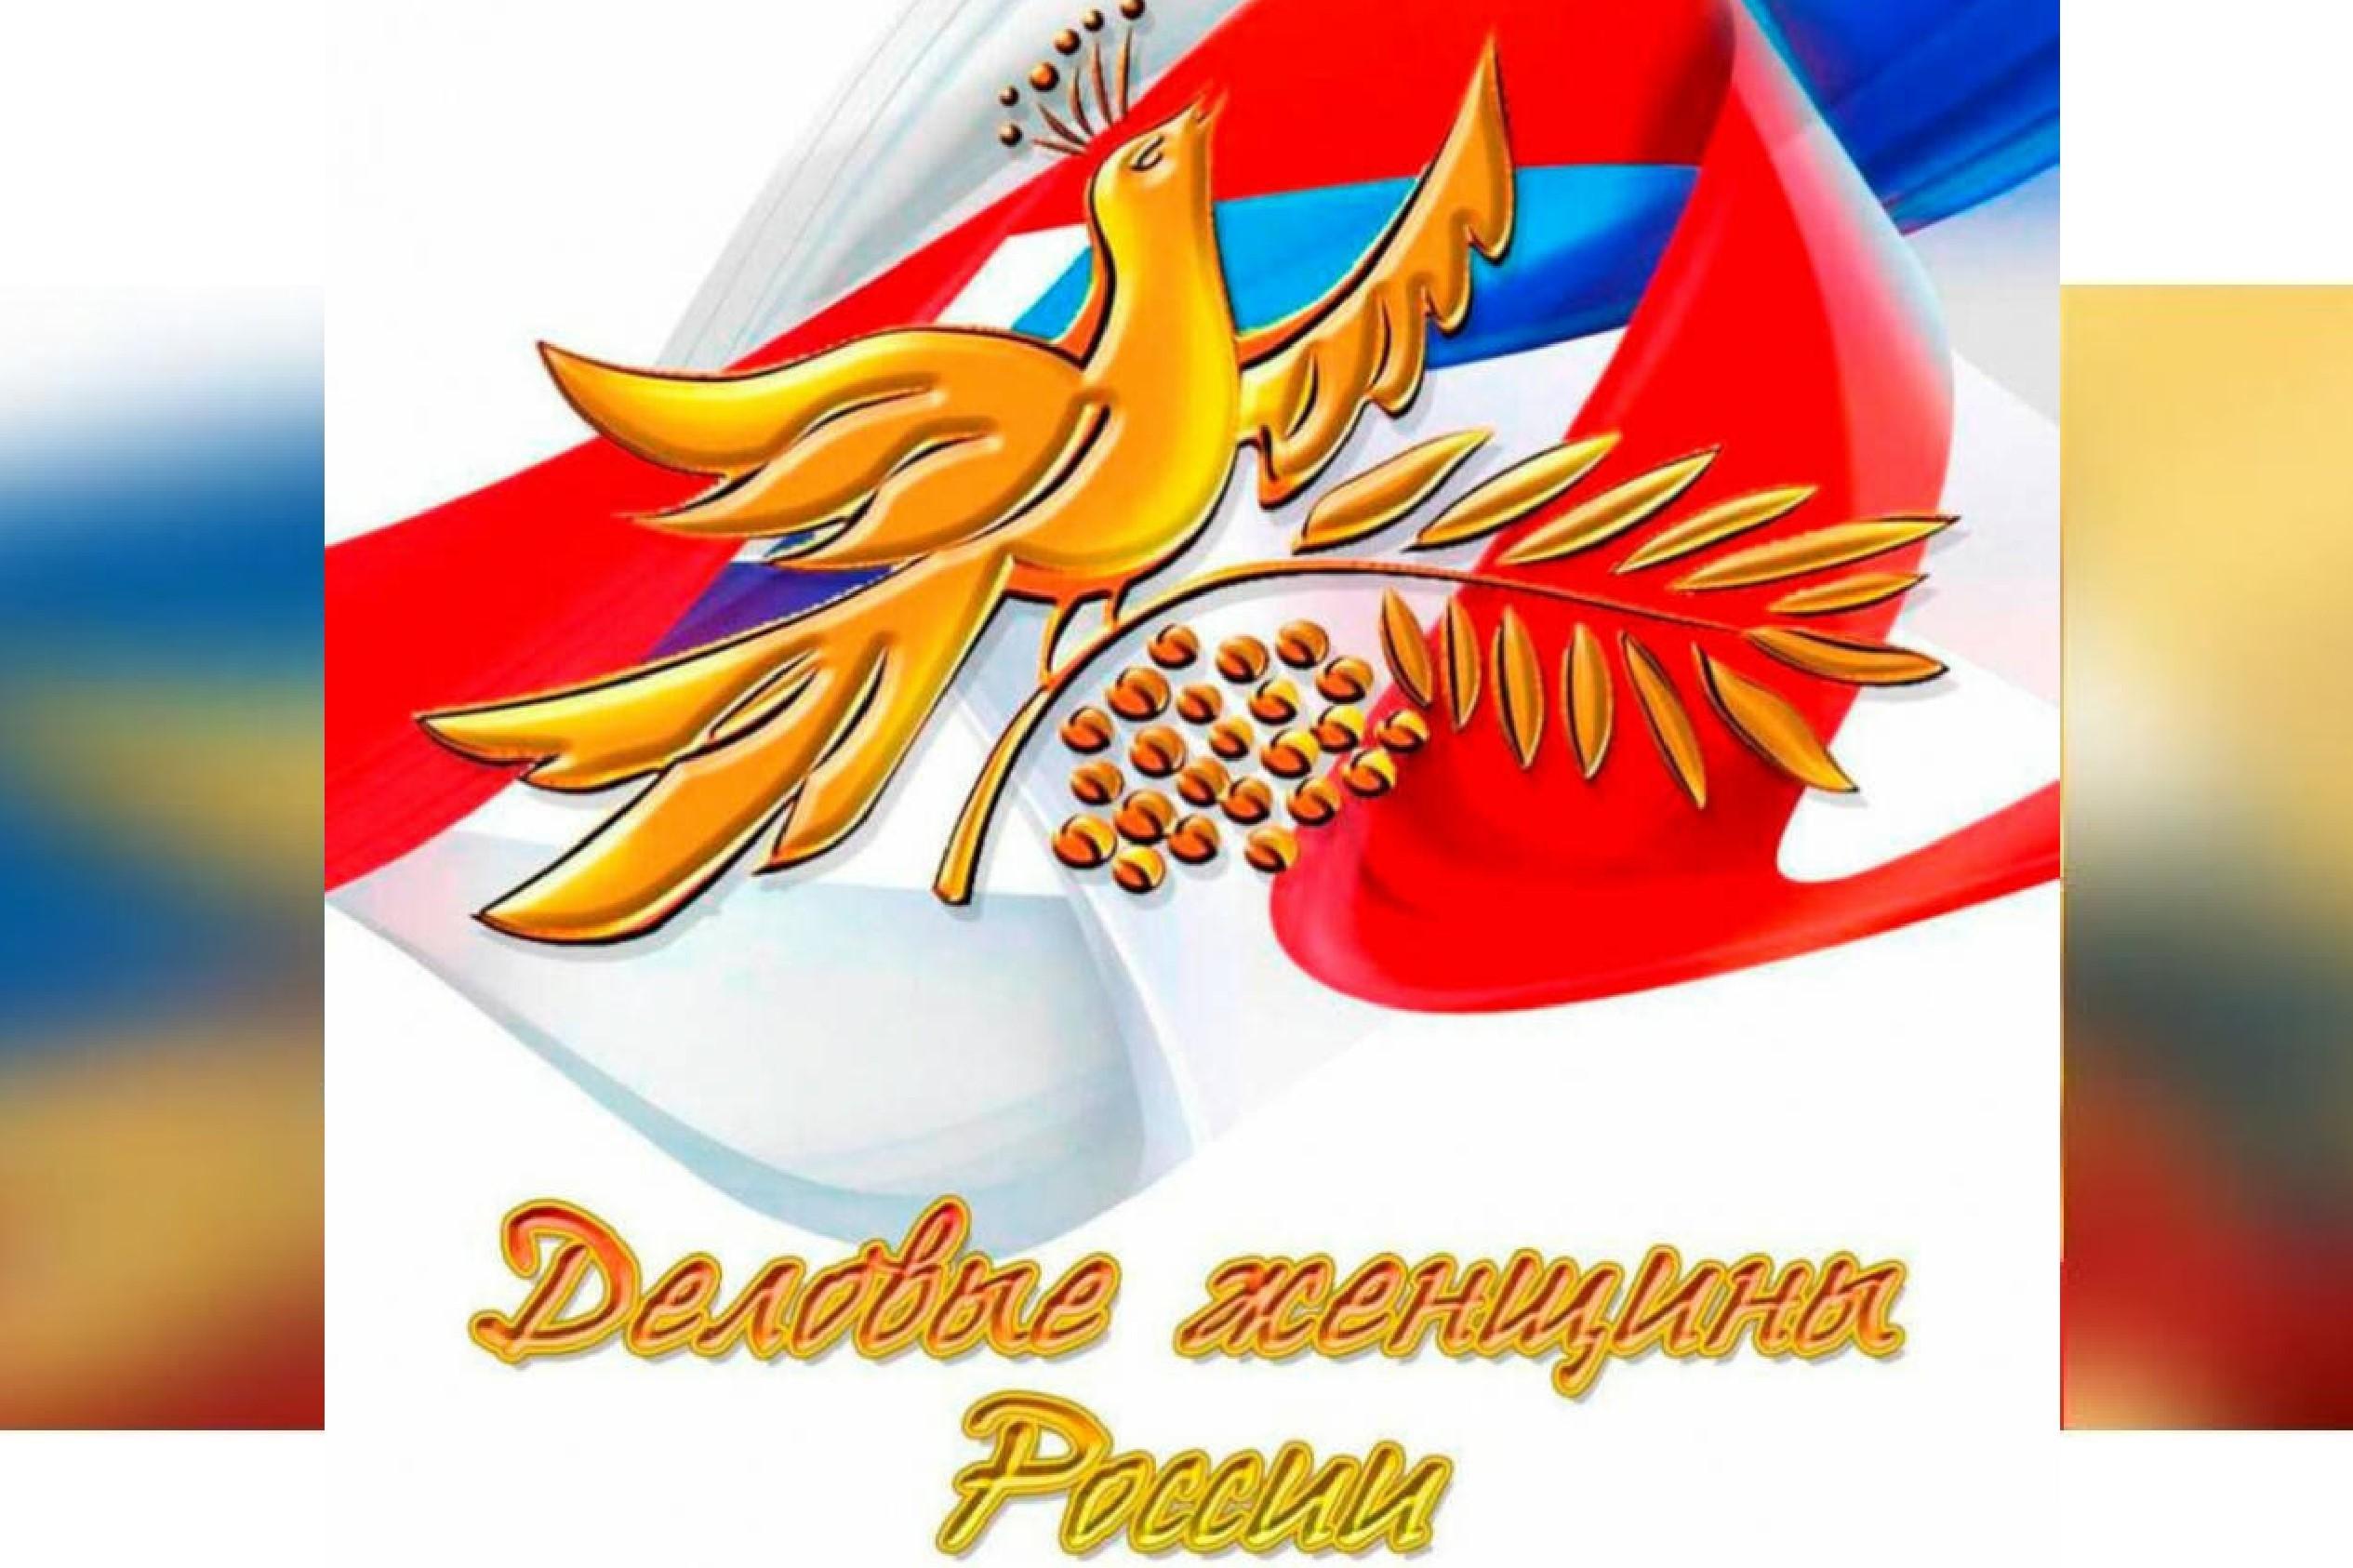 Жительниц Поморья приглашают принять участие в XVII Всероссийском конкурсе деловых женщин «Успех»